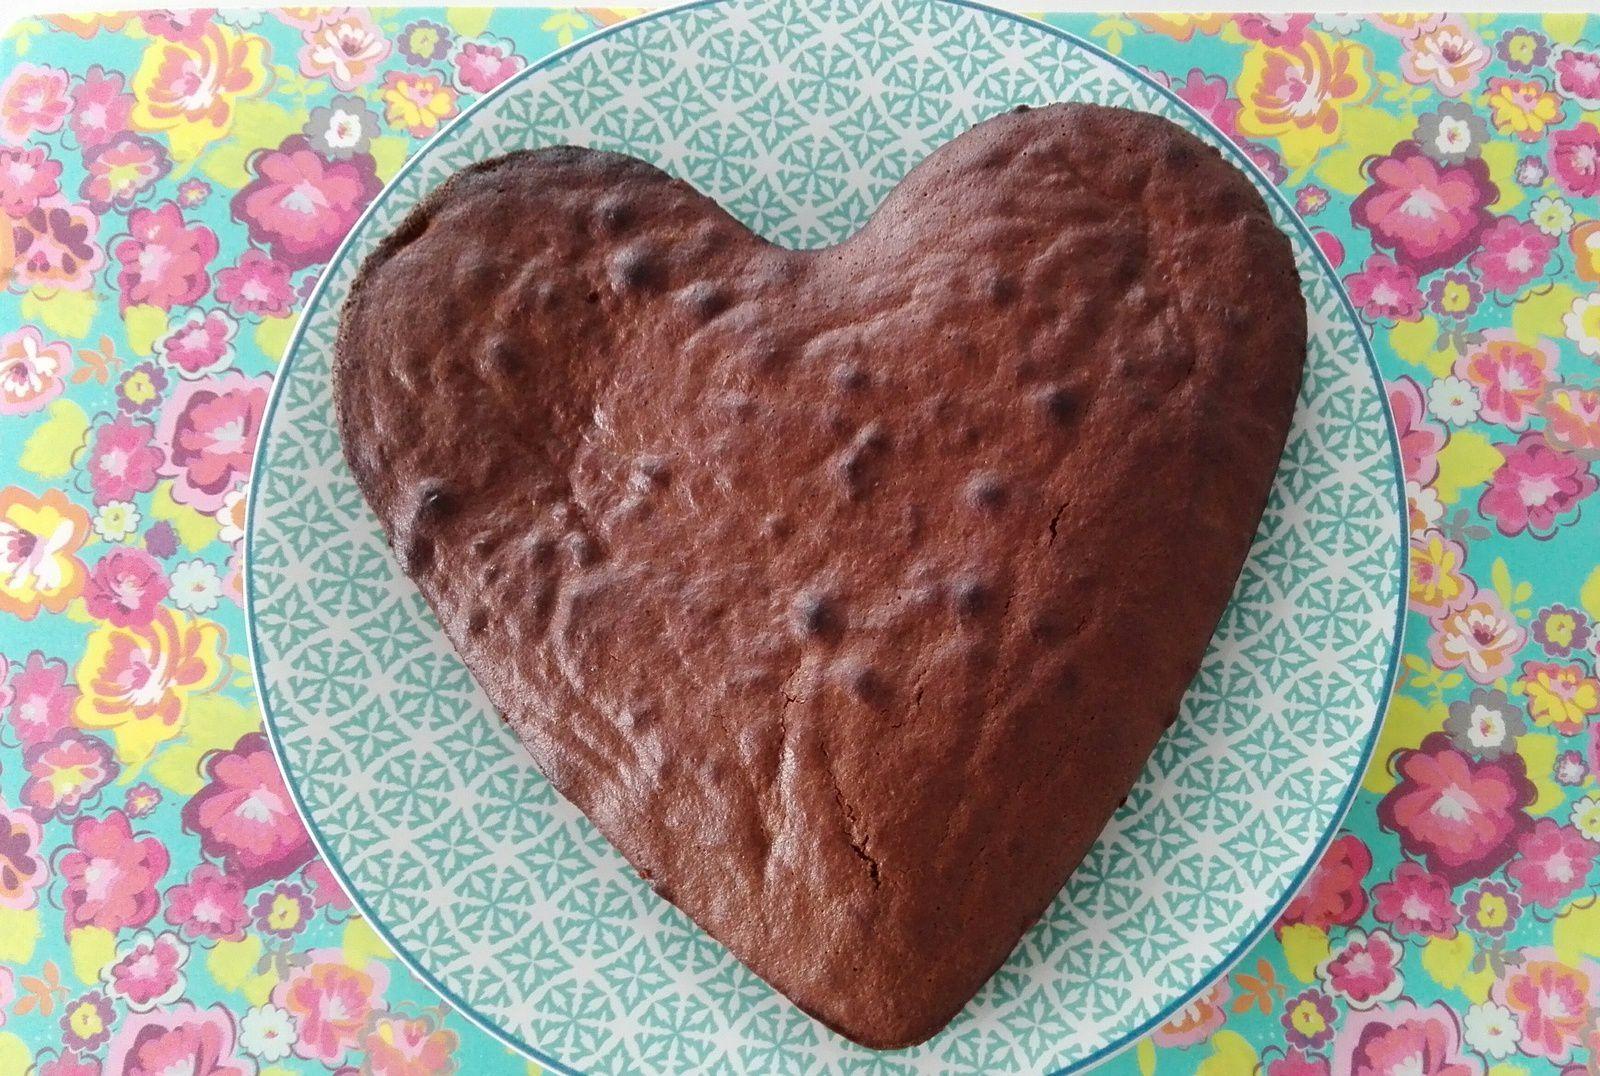 Un bon gâteau au chocolat à la demande de Loulou